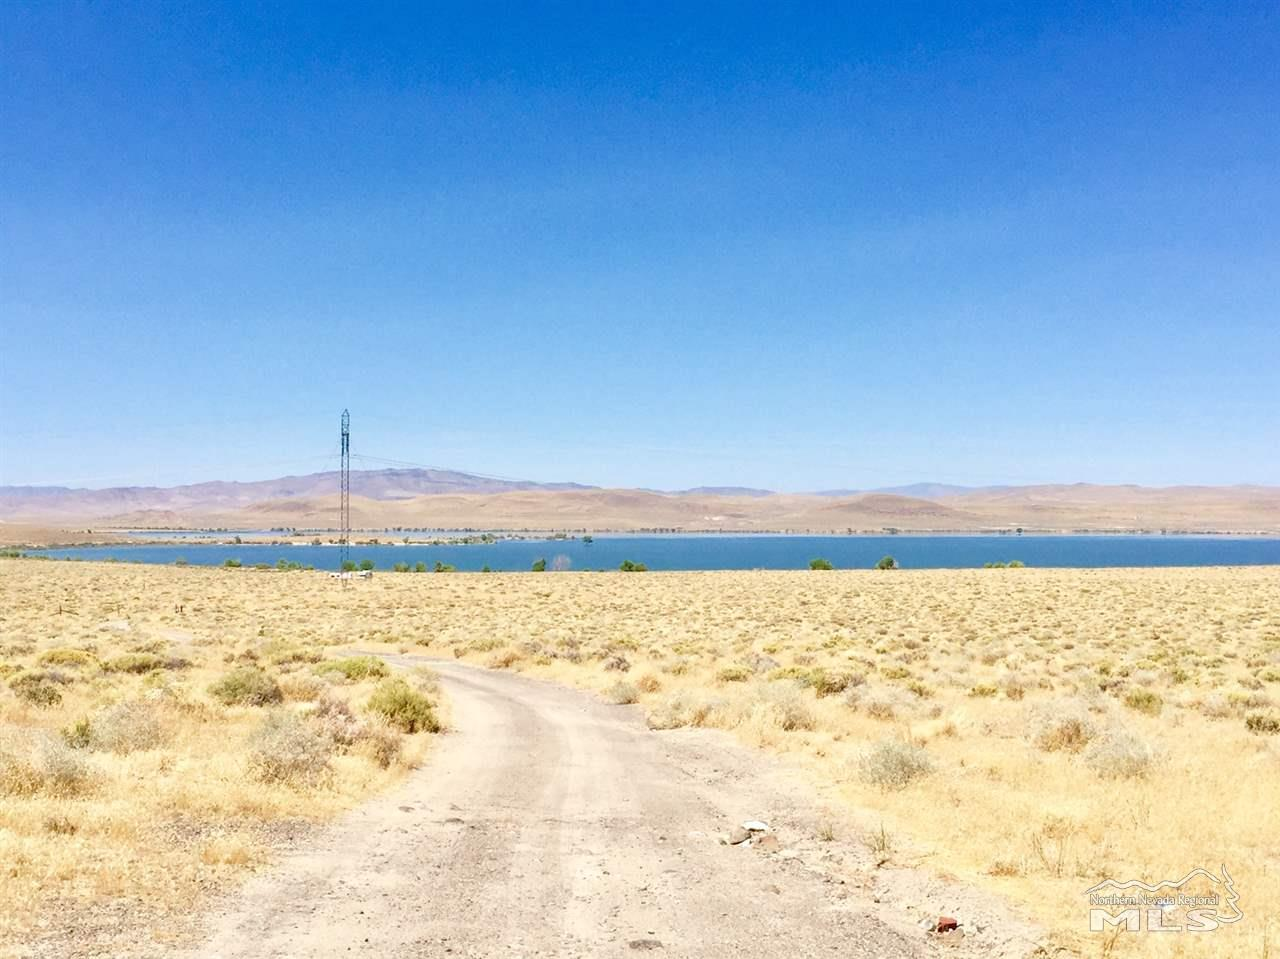 Image for 17415 Lahontan Dam, Fallon, NV 89406-9715